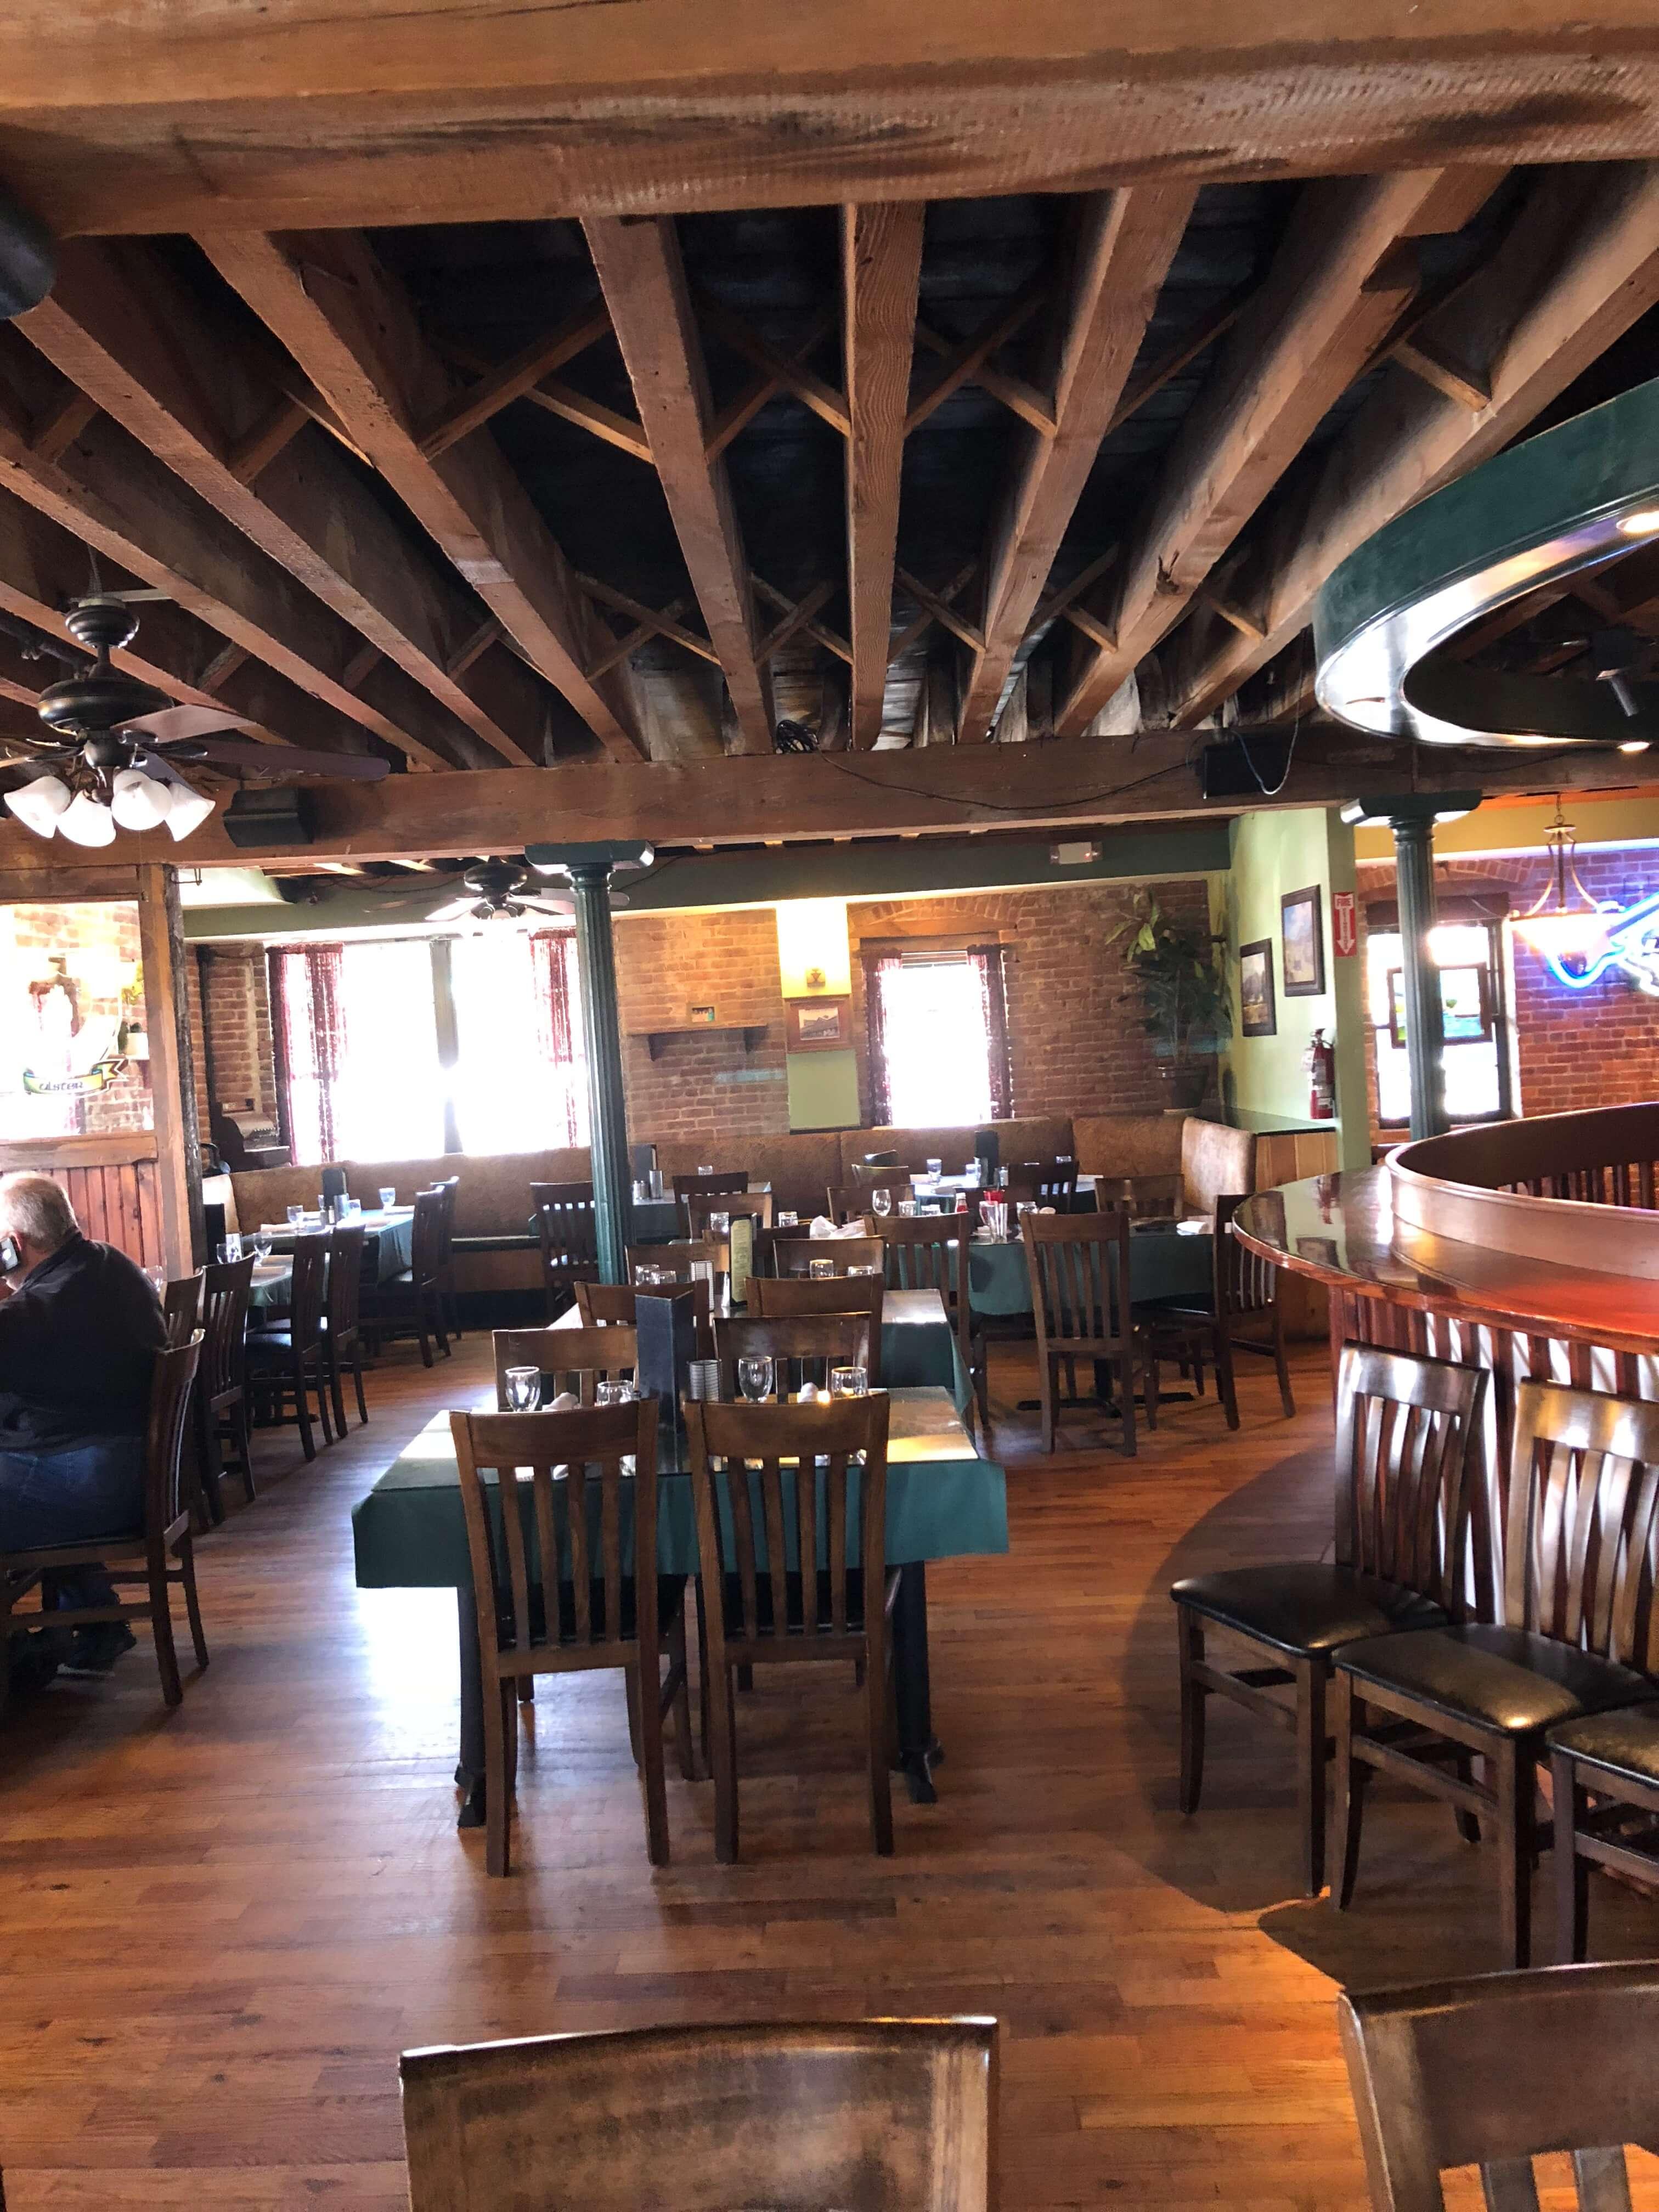 Steakhouse in poughkeepsie ny